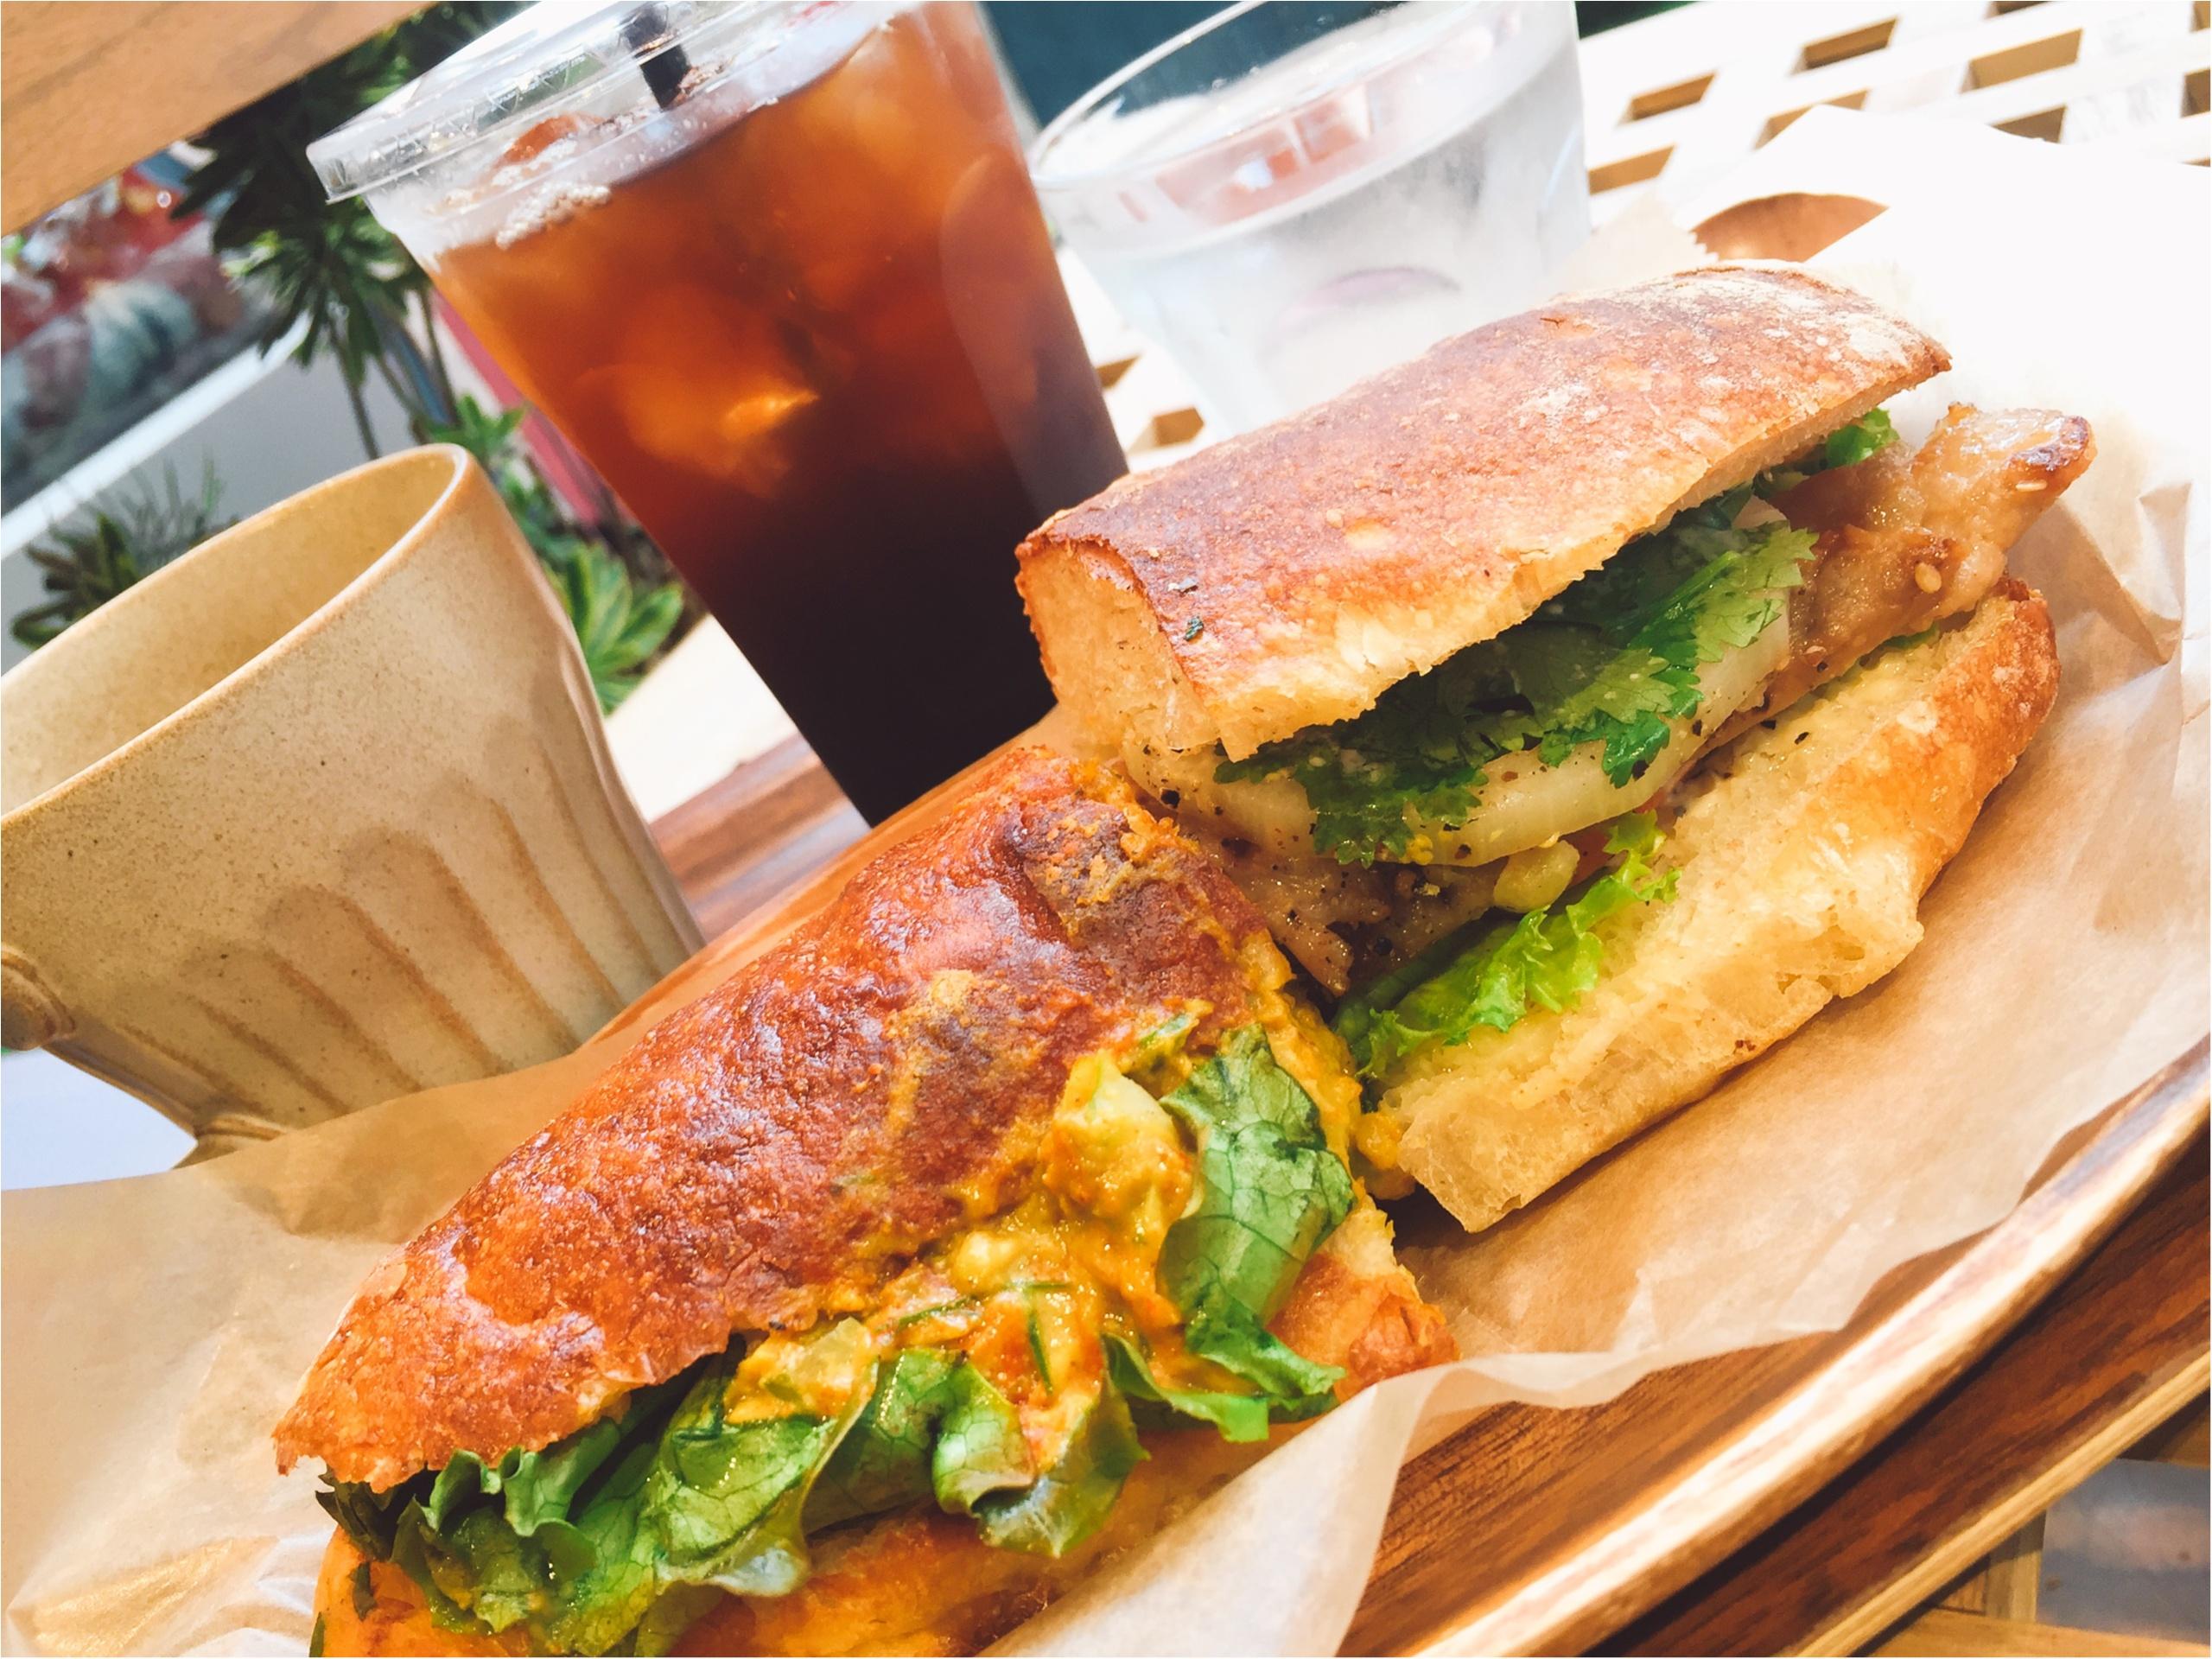 【表参道・青山エリア】全てのカフェ難民に捧ぐ!満足度高すぎなカフェがここにある☆_1